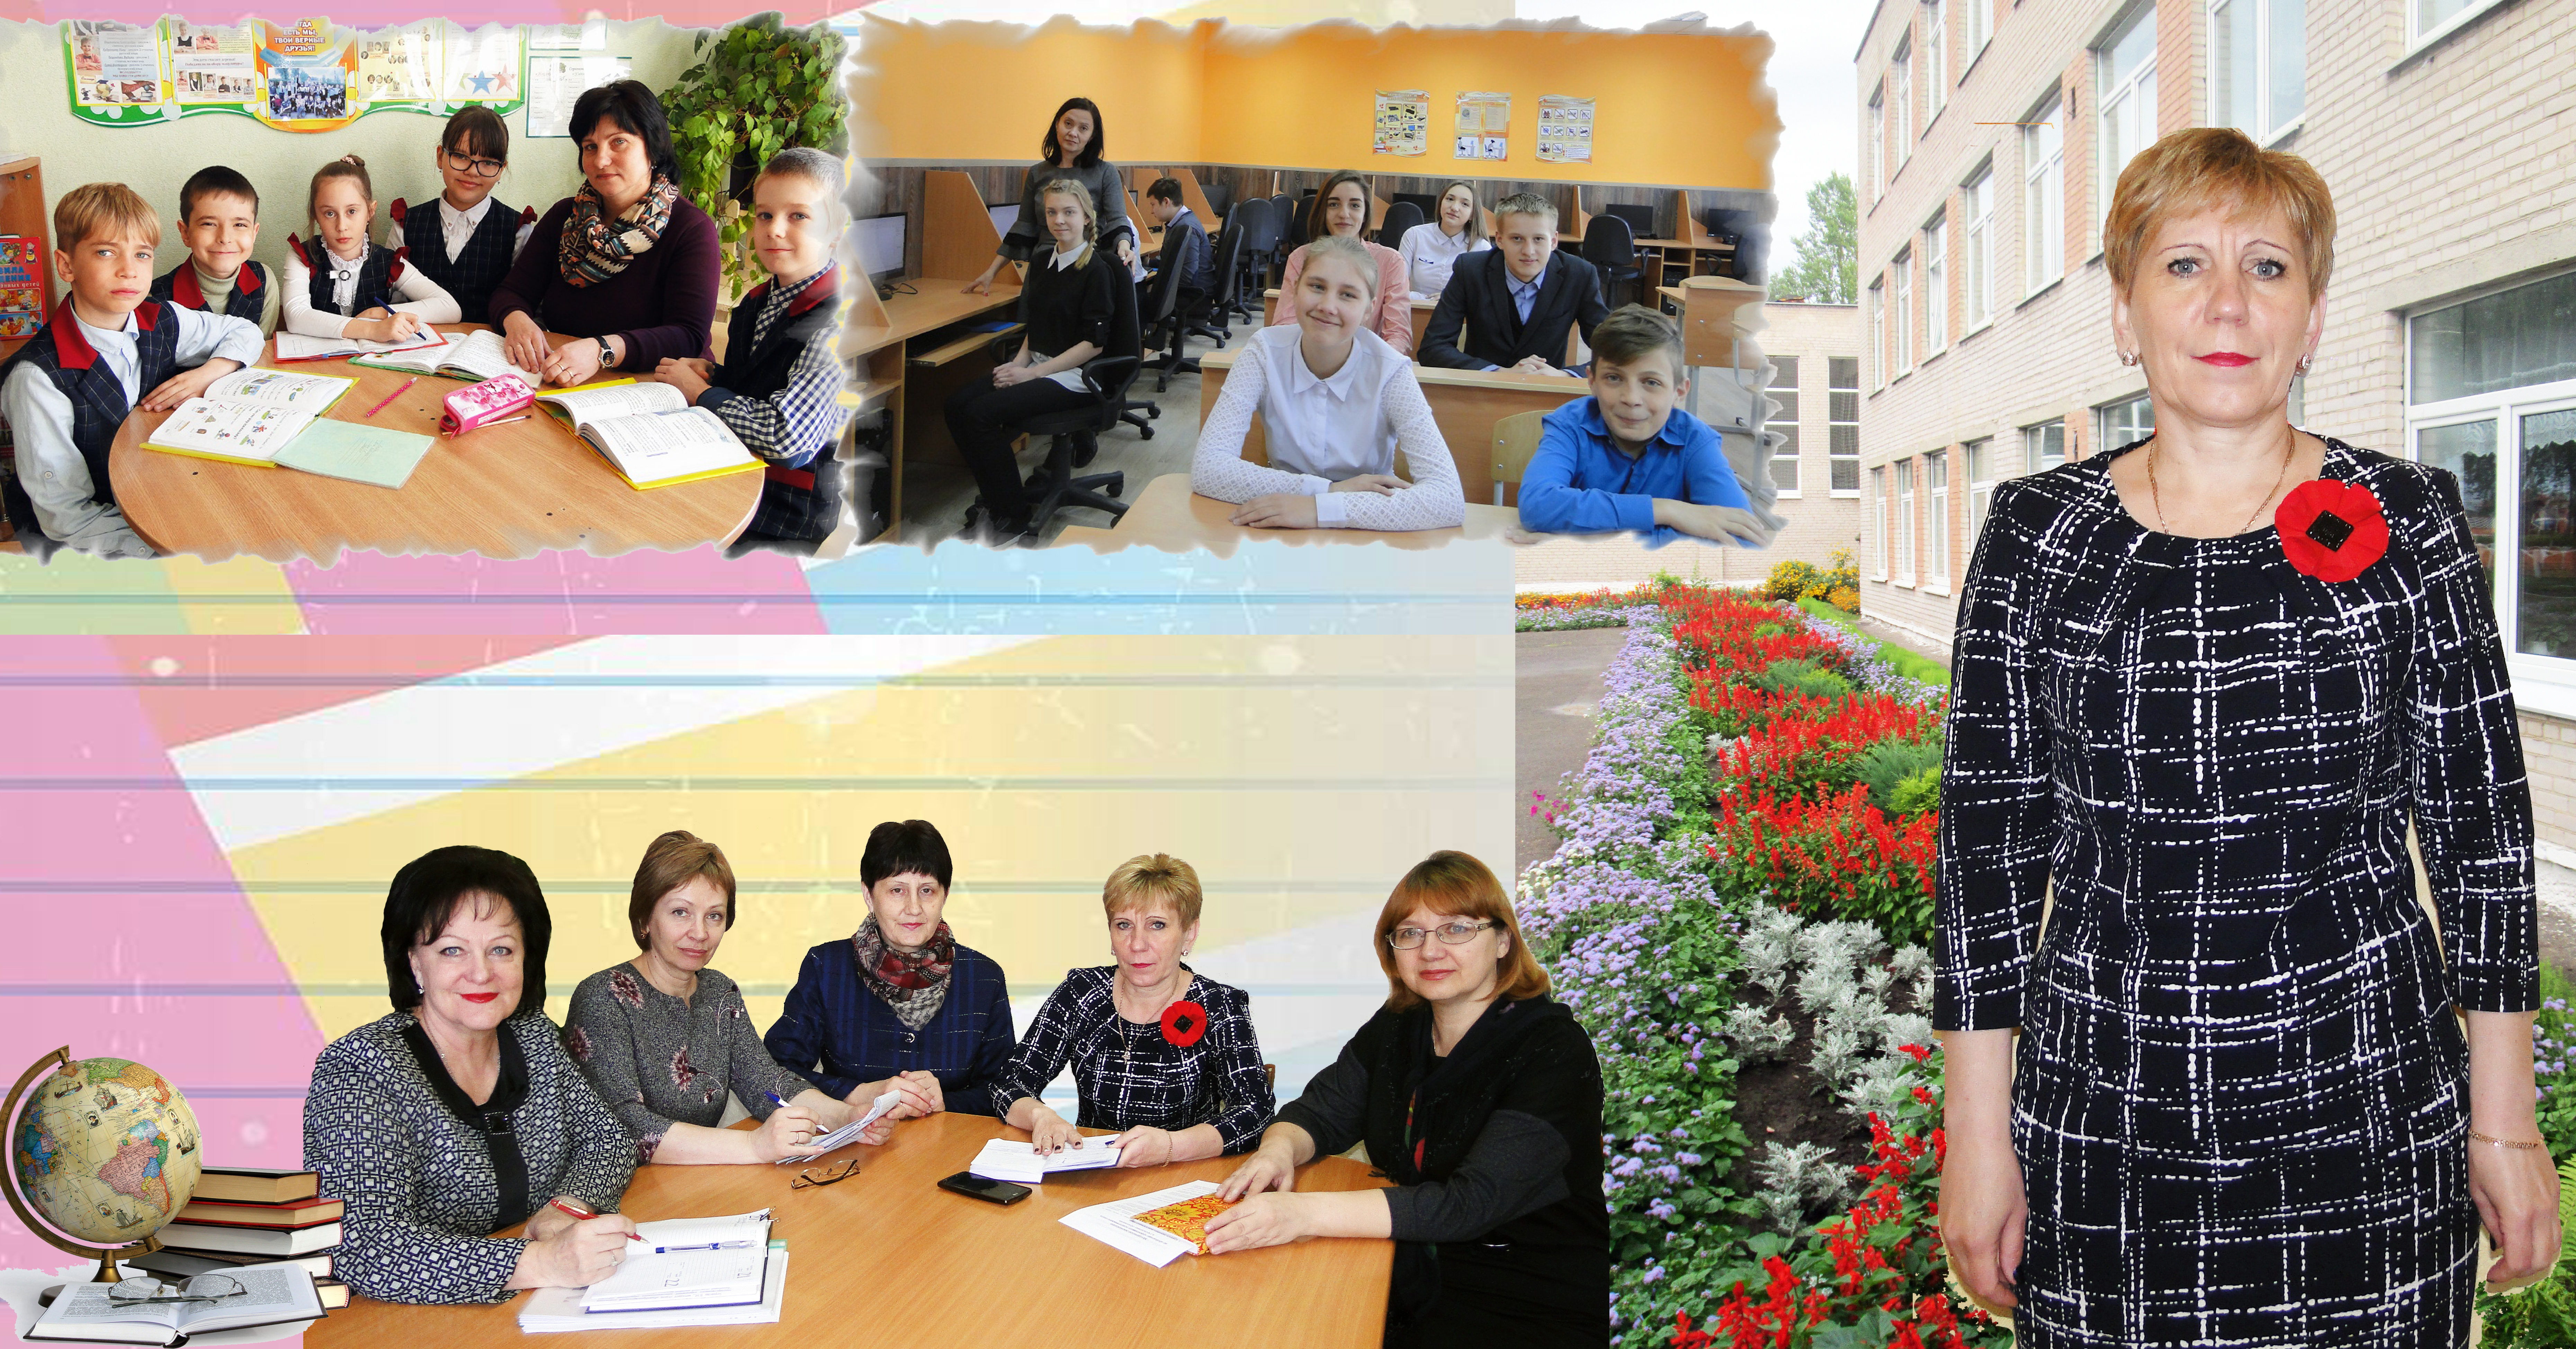 К Празднику труда в Лиозно будет обновлена районная Доска почёта